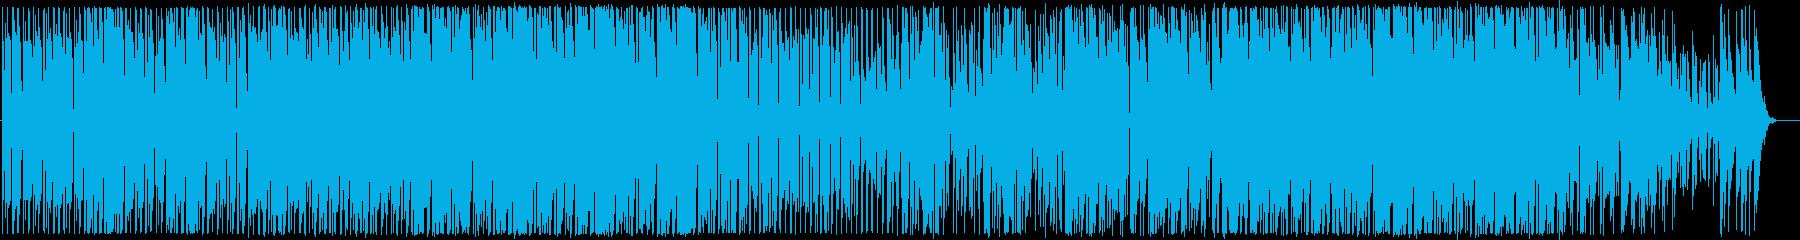 夏の夕方っぽい日常系BGMの再生済みの波形